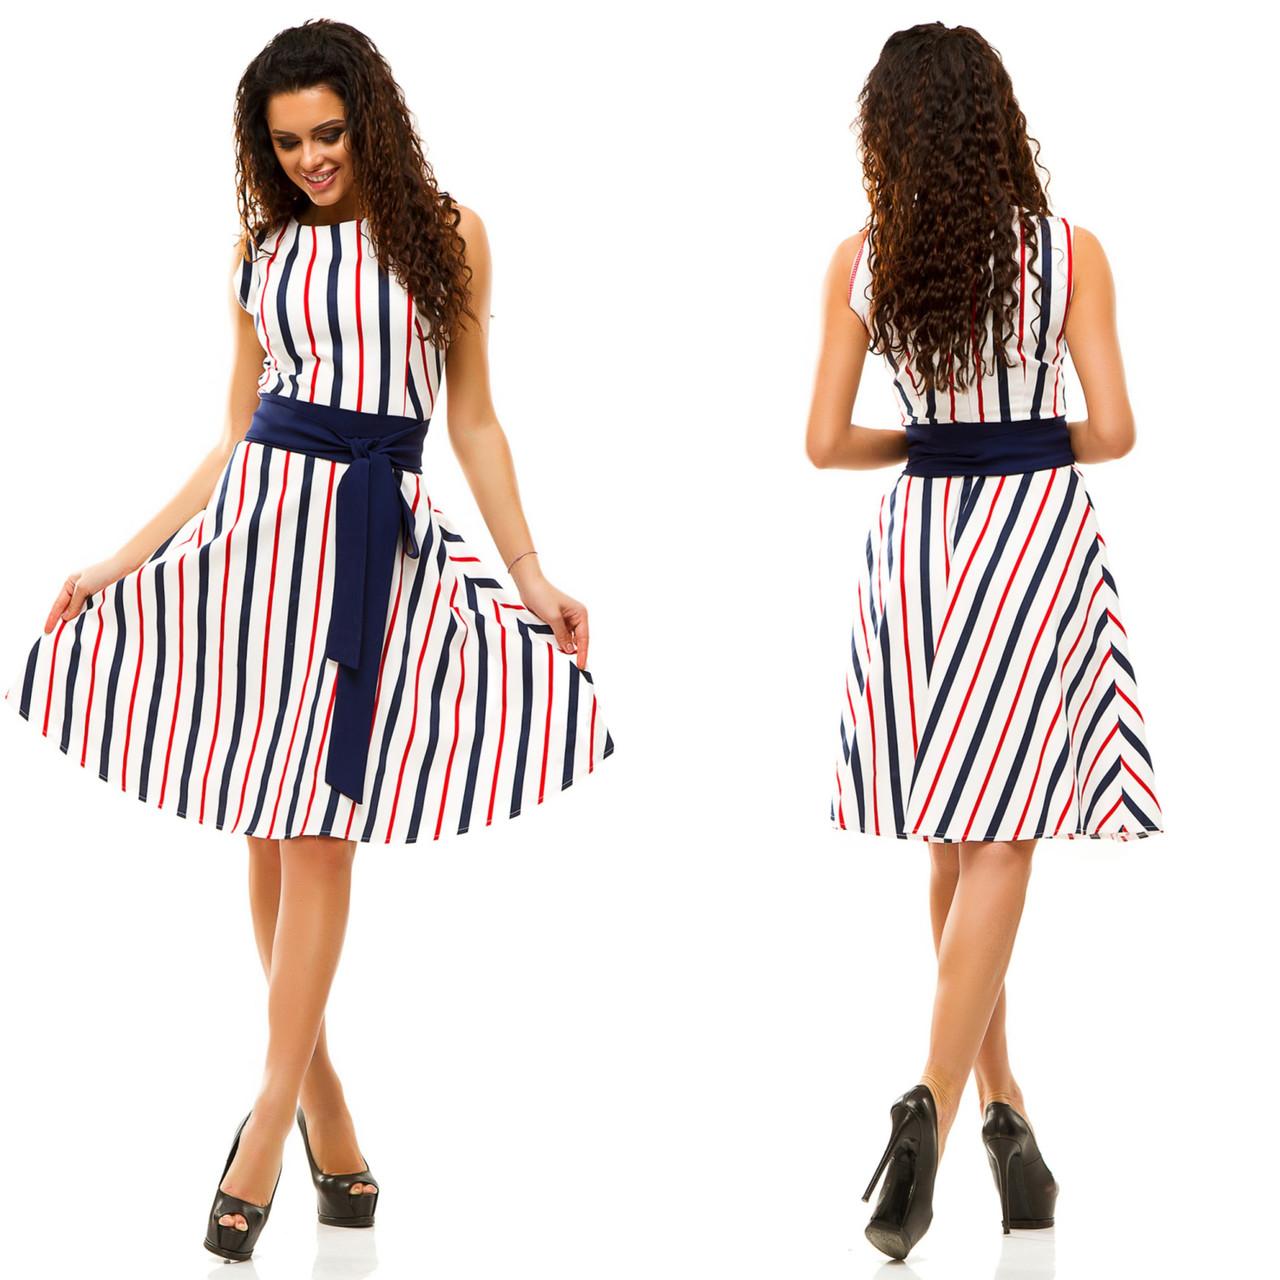 e5534140f34 Платье полоска в расцветках 17228  Интернет-магазин модной женской ...